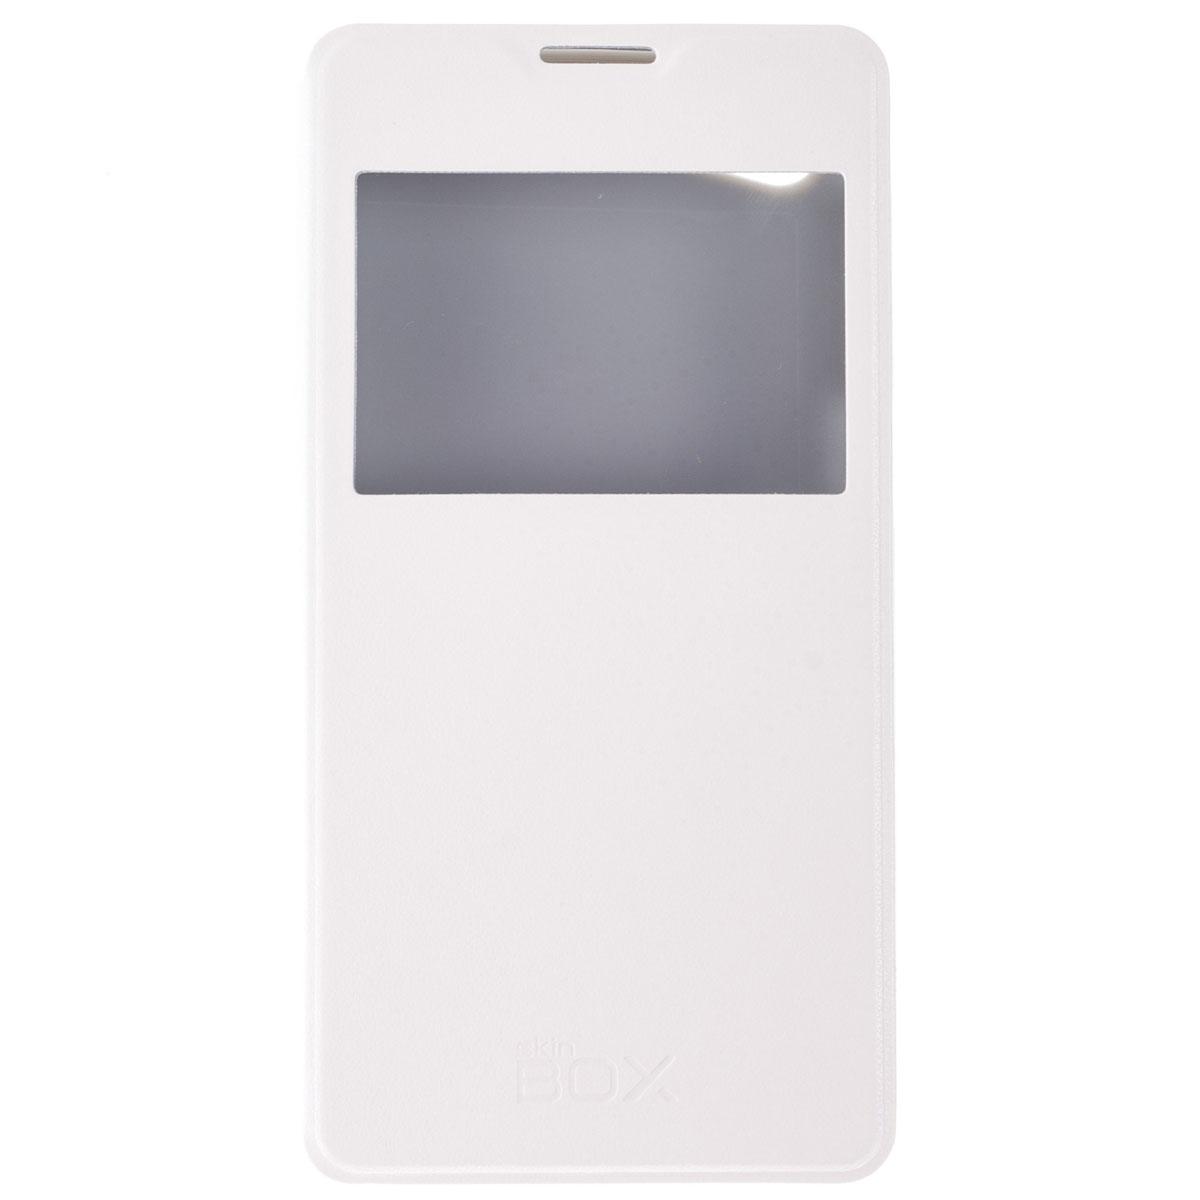 Skinbox Lux AW чехол для Philips W6610, WhiteT-S-PW6610-004Чехол Skinbox Lux AW выполнен из высококачественного поликарбоната и экокожи. Он обеспечивает надежную защиту корпуса и экрана смартфона и надолго сохраняет его привлекательный внешний вид. Чехол также обеспечивает свободный доступ ко всем разъемам и клавишам устройства.